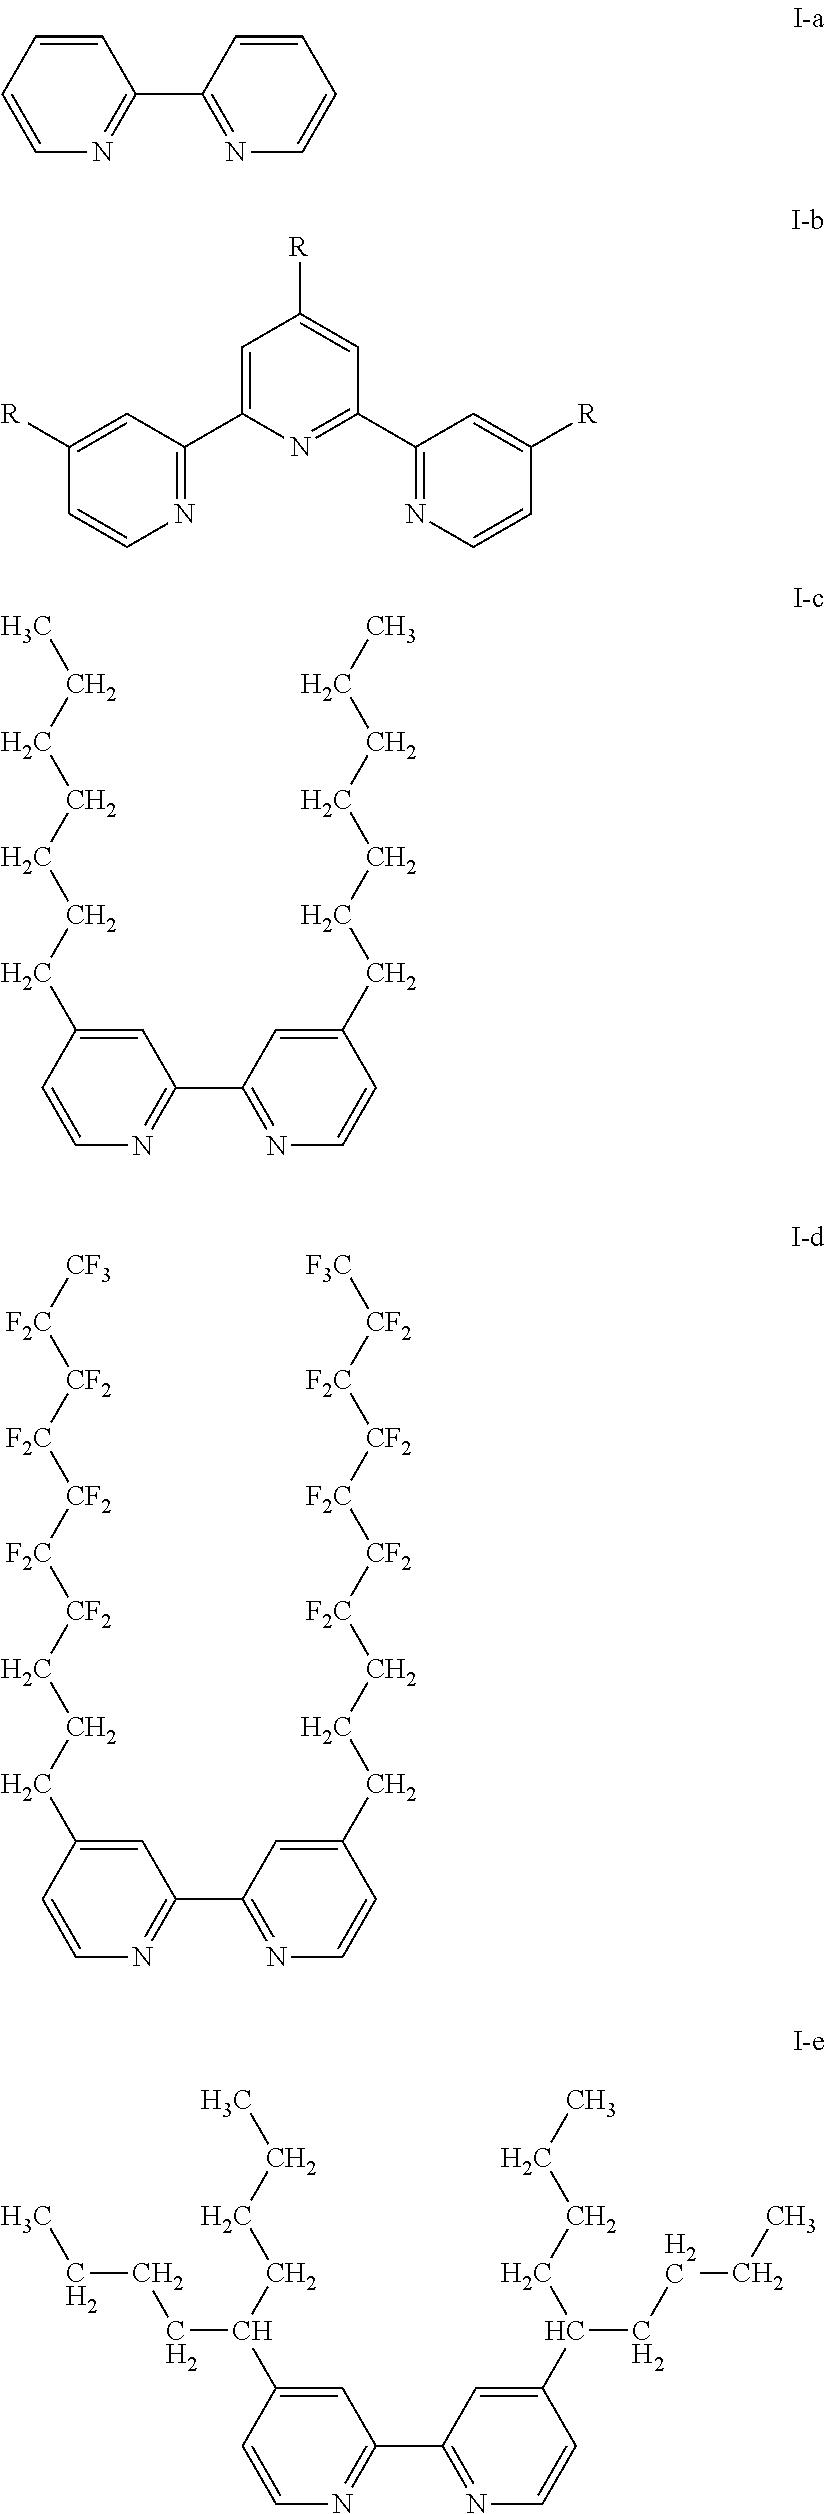 Figure US20100021635A1-20100128-C00008